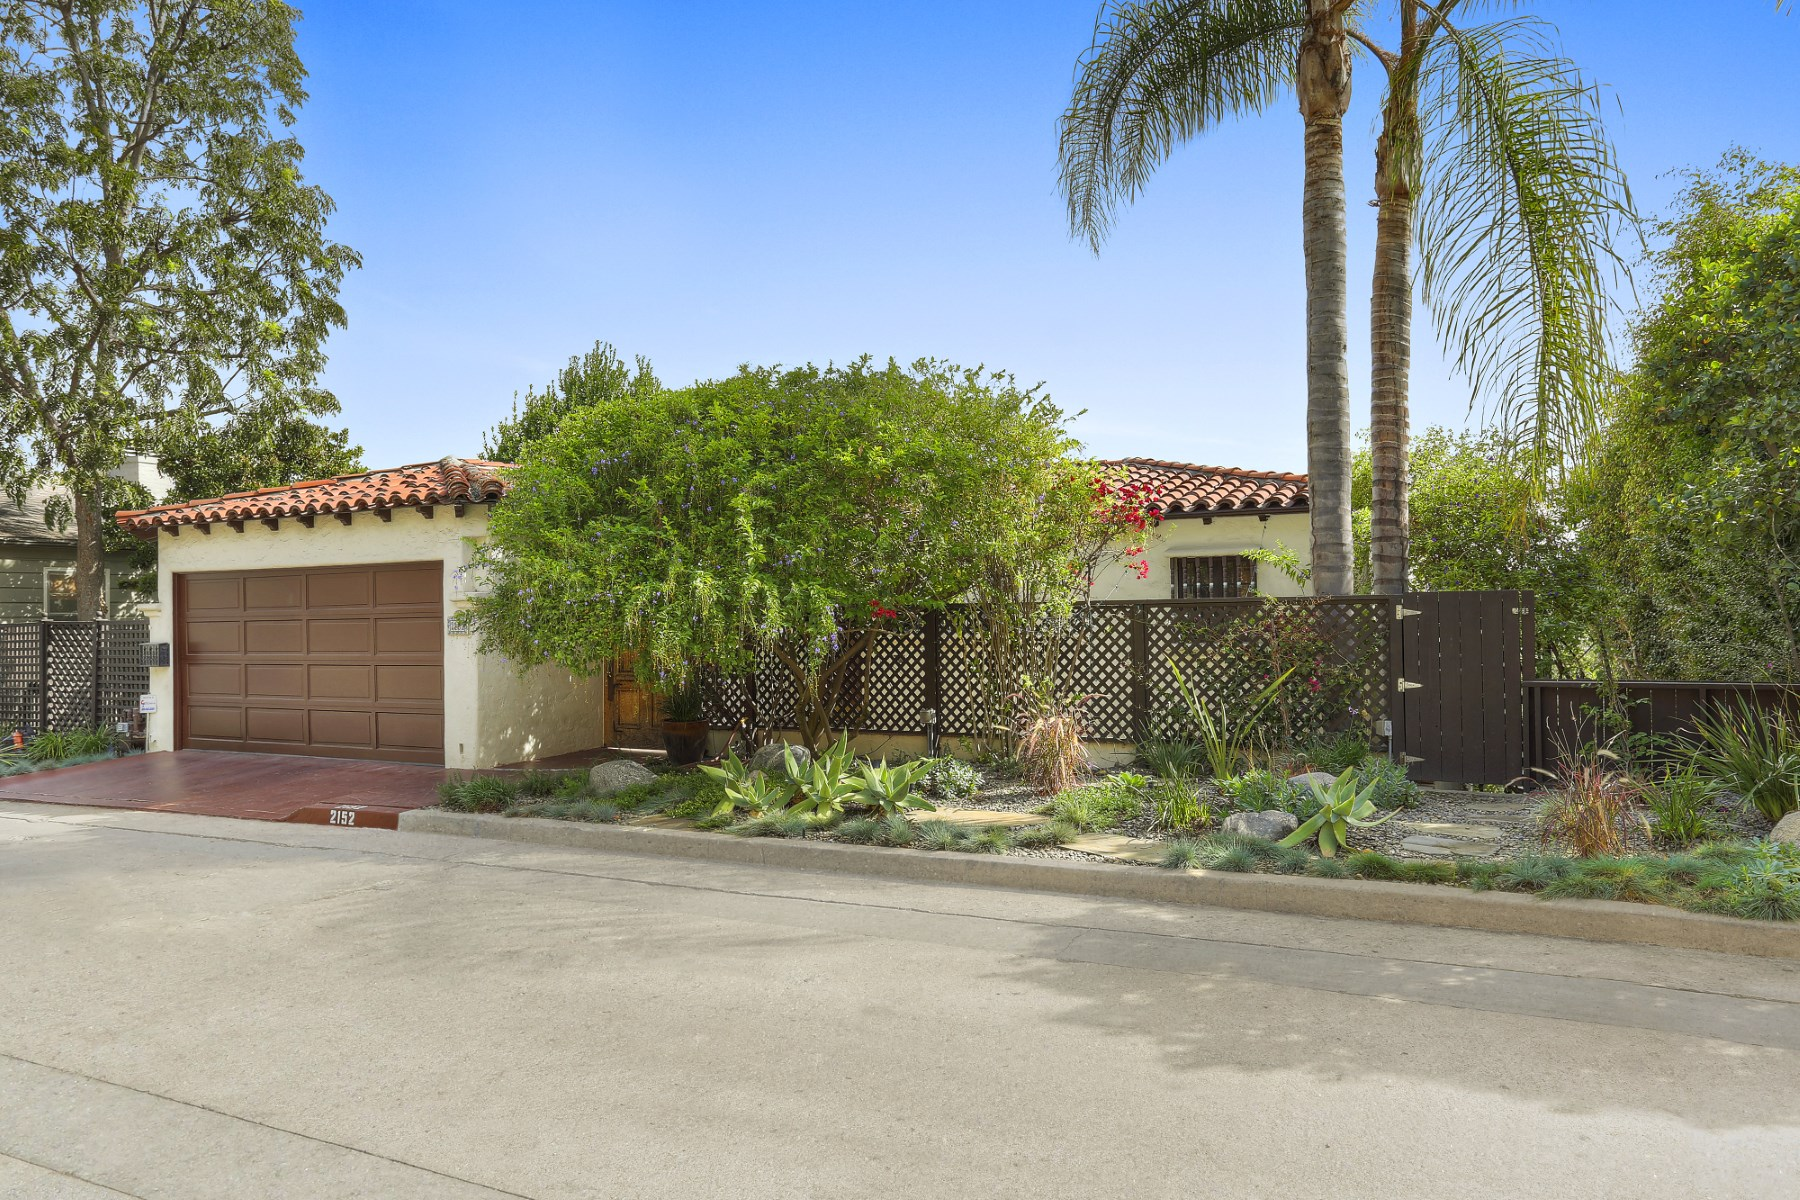 独户住宅 为 销售 在 2152 Kenilworth Avenue 洛杉矶, 加利福尼亚州, 90039 美国